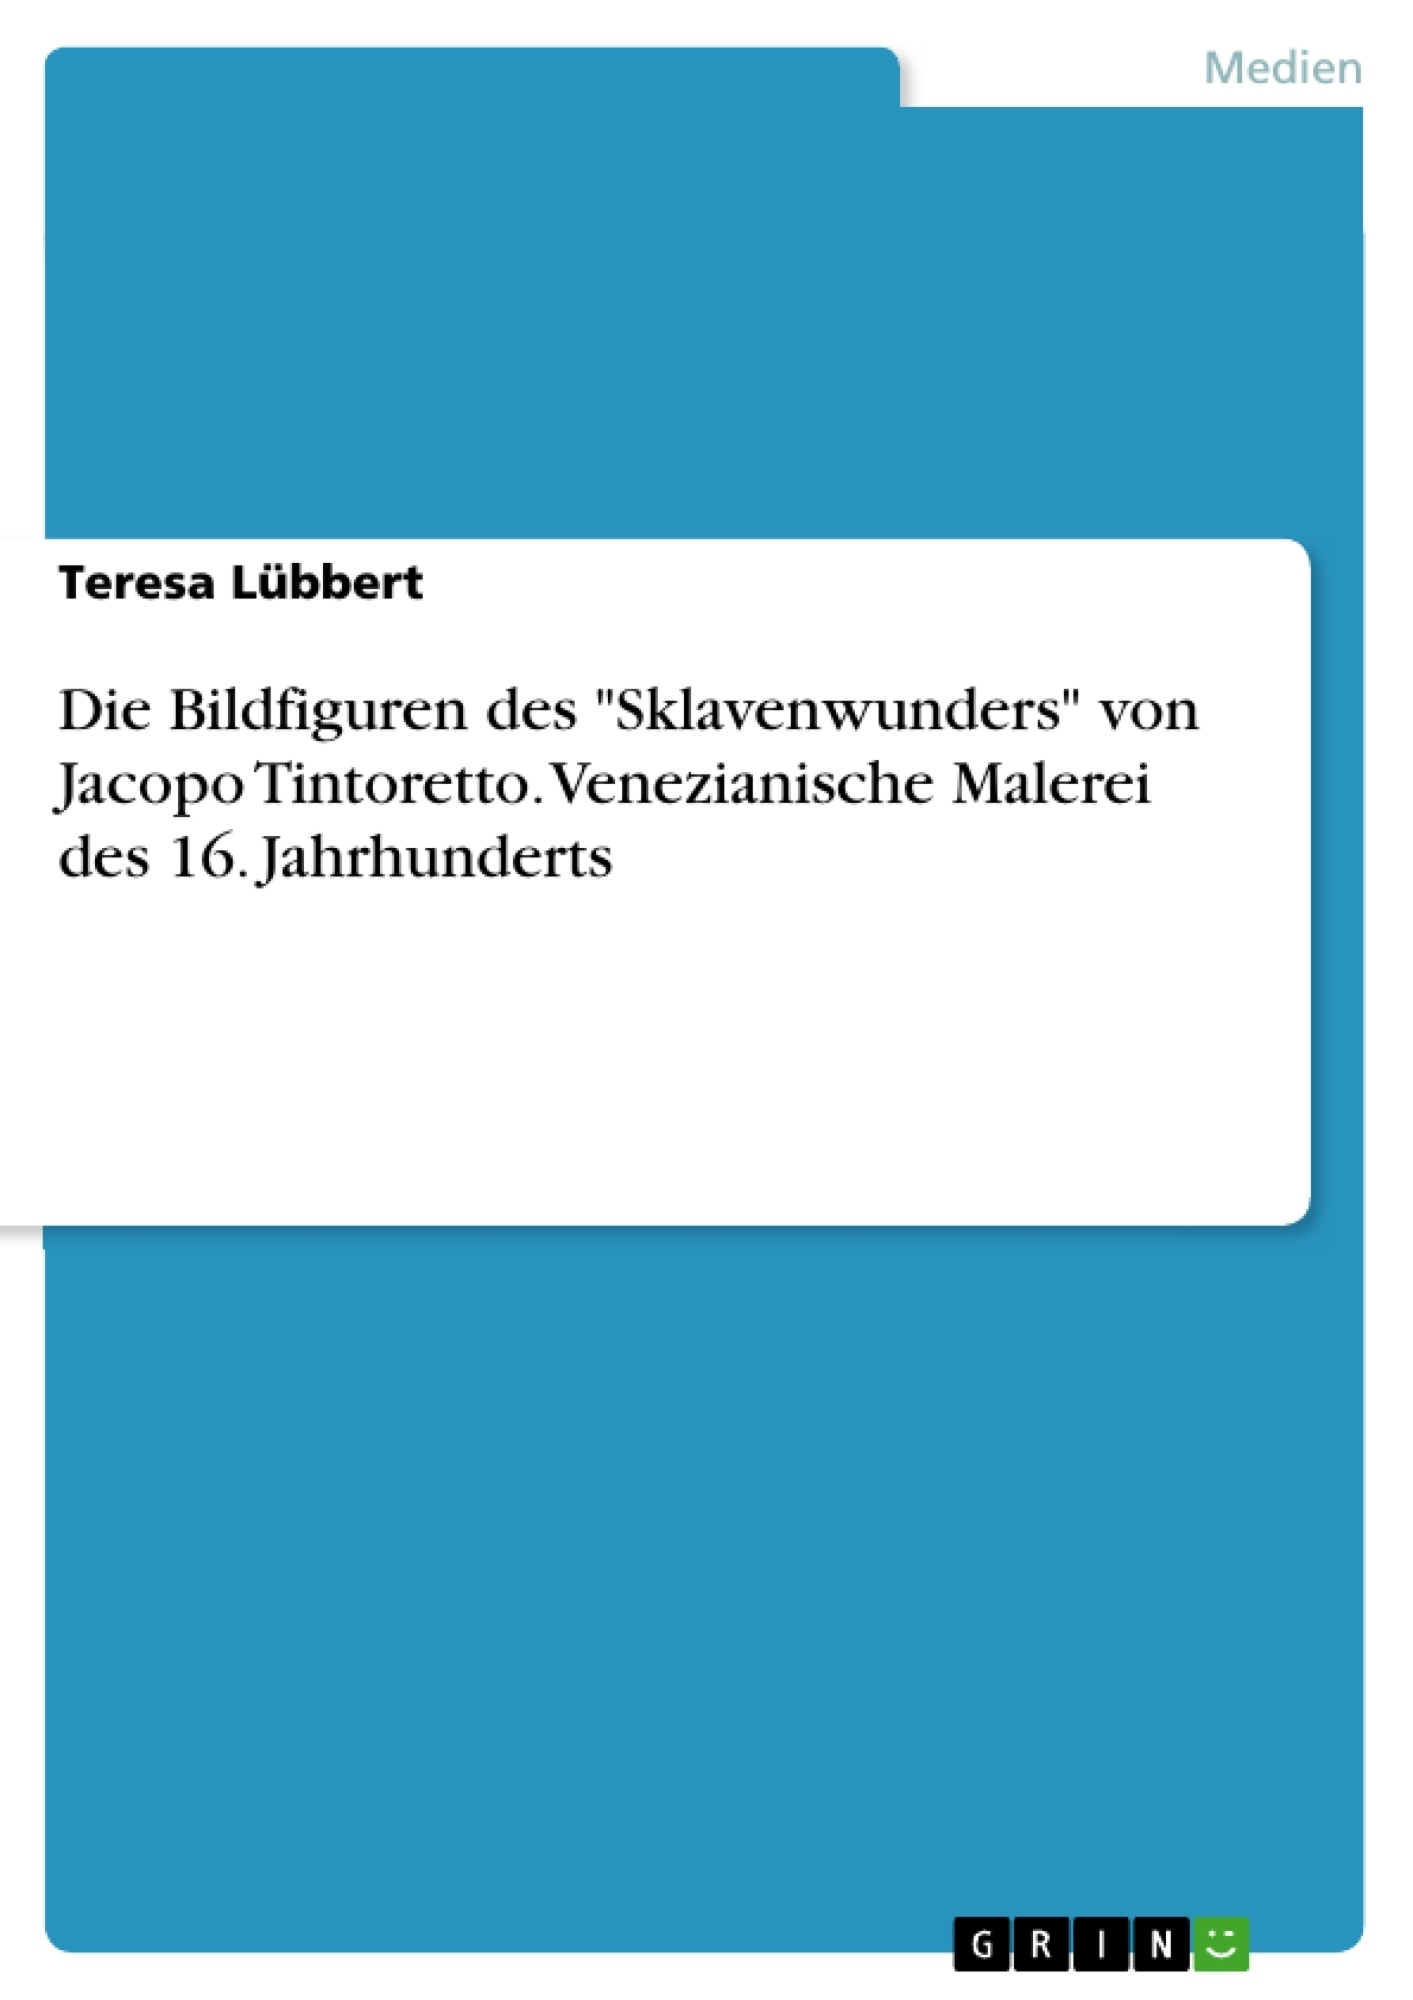 """Titel: Die Bildfiguren des """"Sklavenwunders"""" von Jacopo Tintoretto. Venezianische Malerei des 16. Jahrhunderts"""